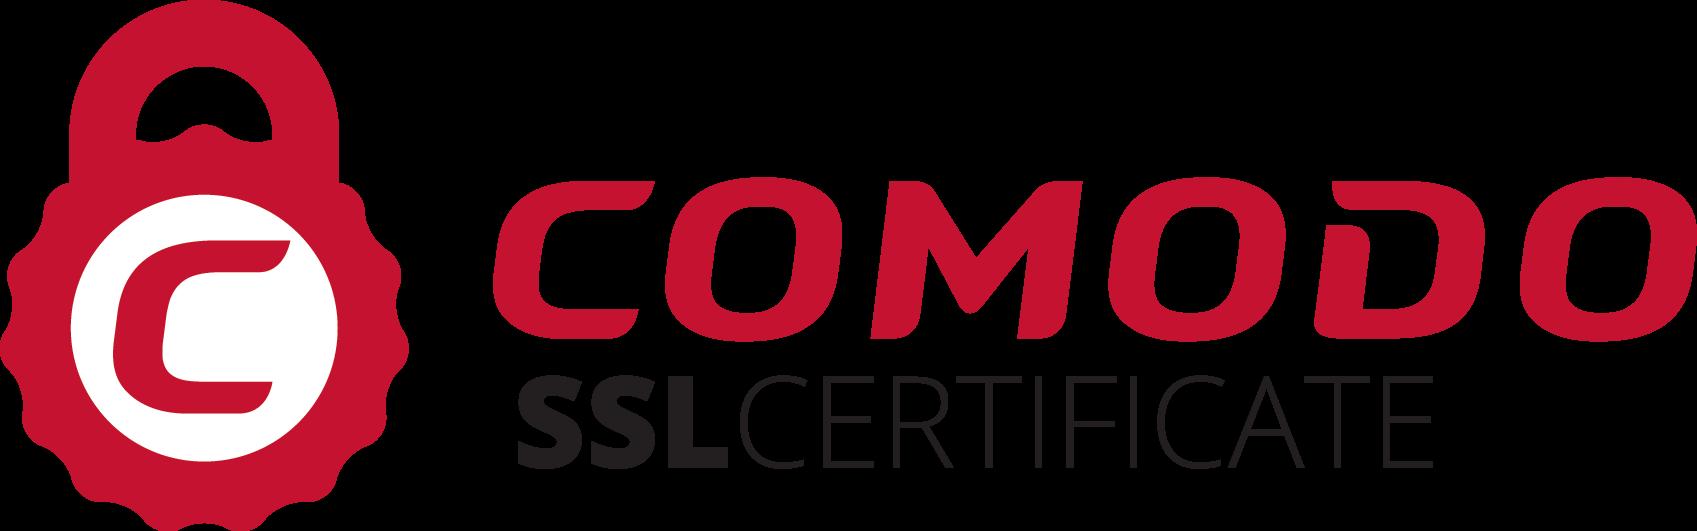 ssl-certificate-peru